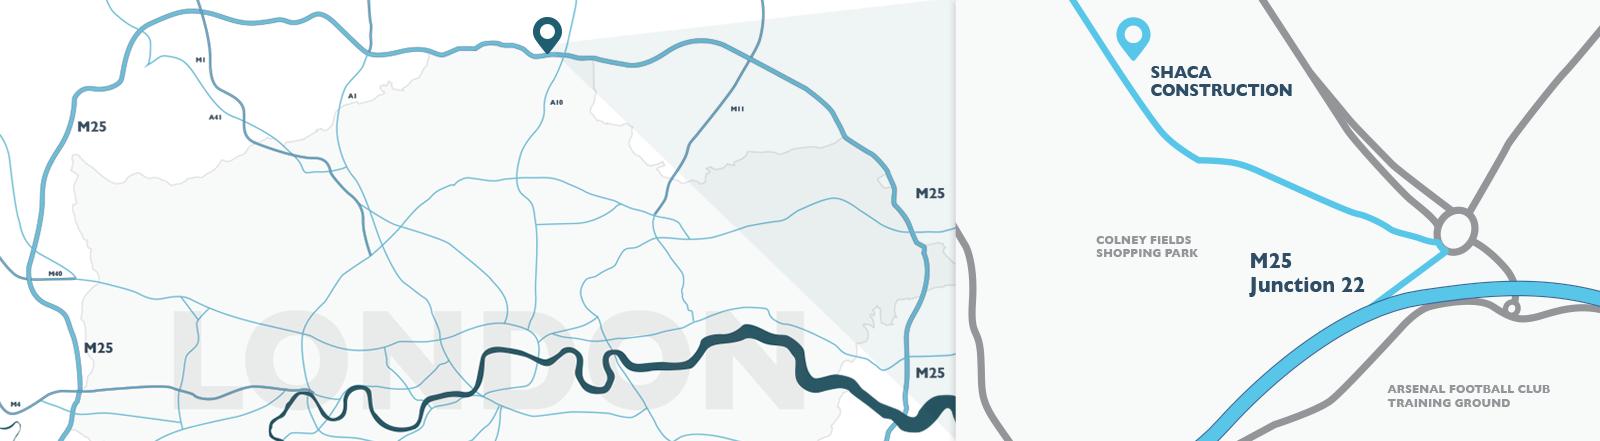 shaca-map